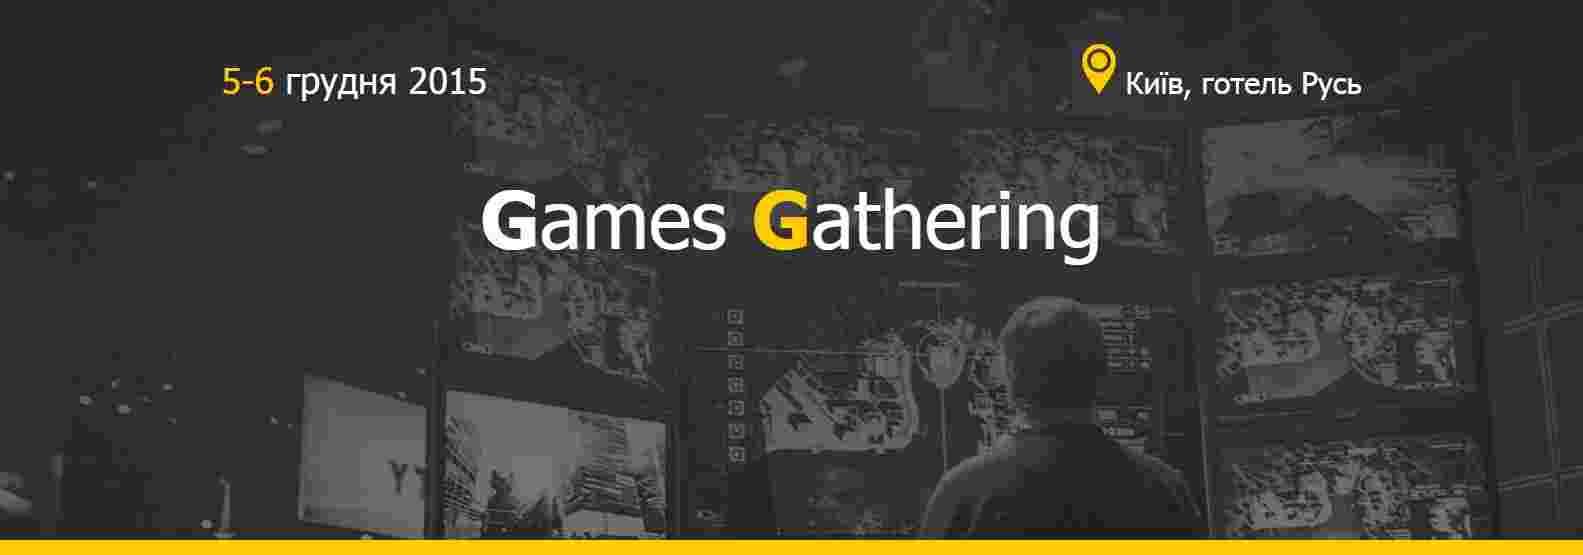 gamesGathering